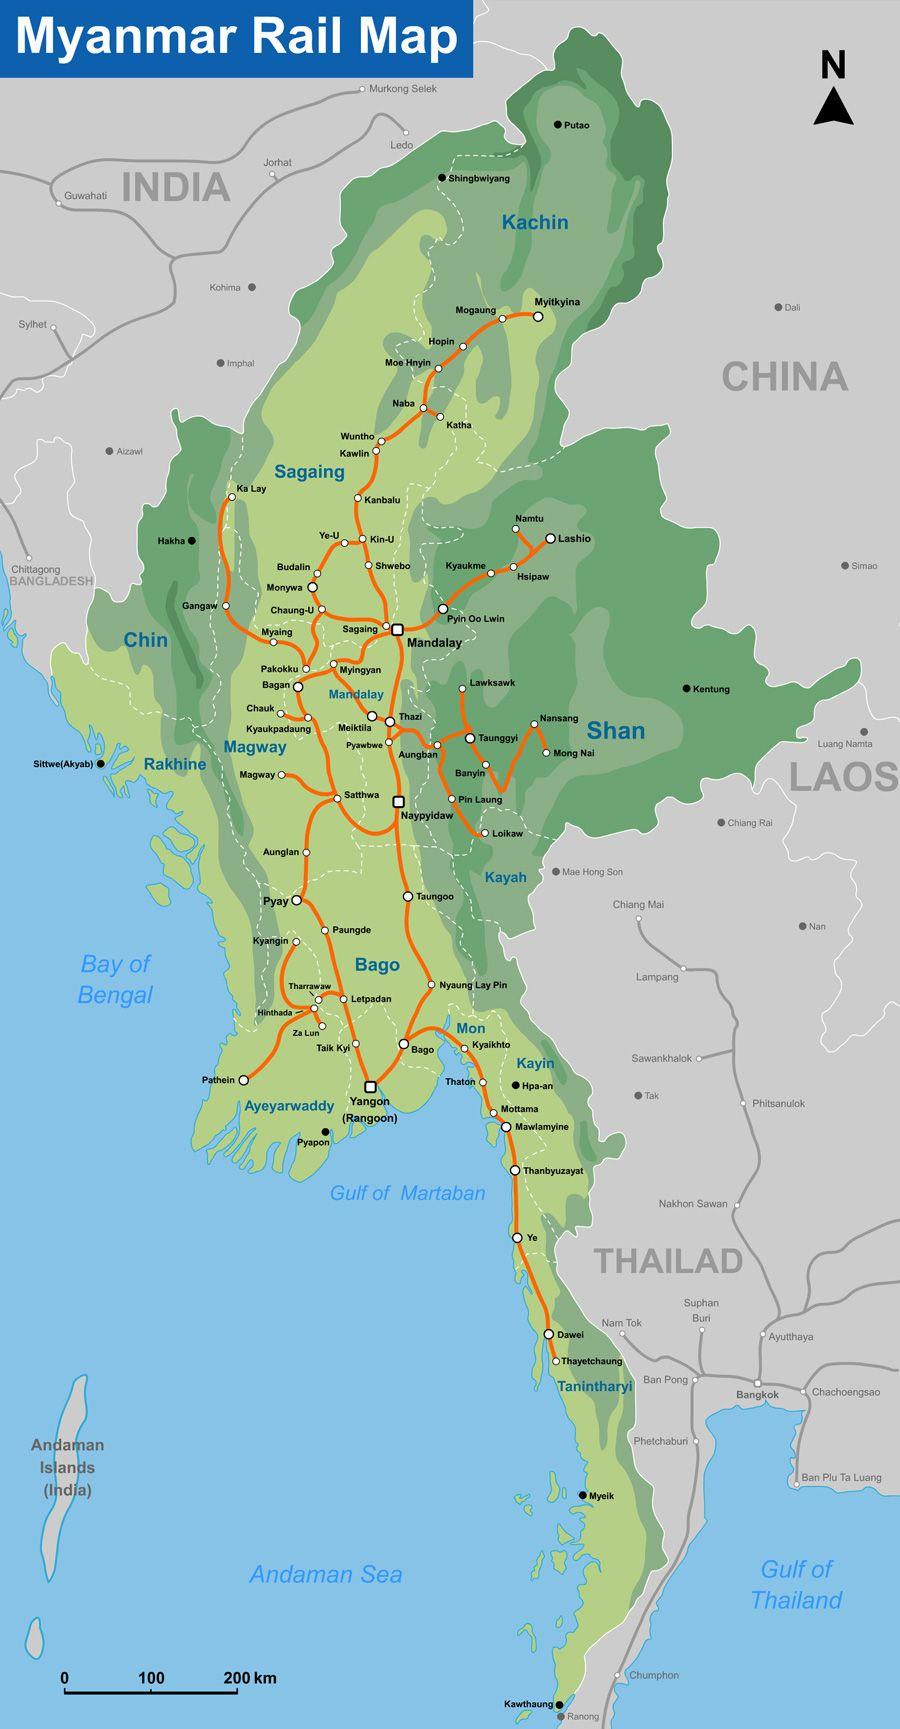 Myanmar rail map by seacitymaps